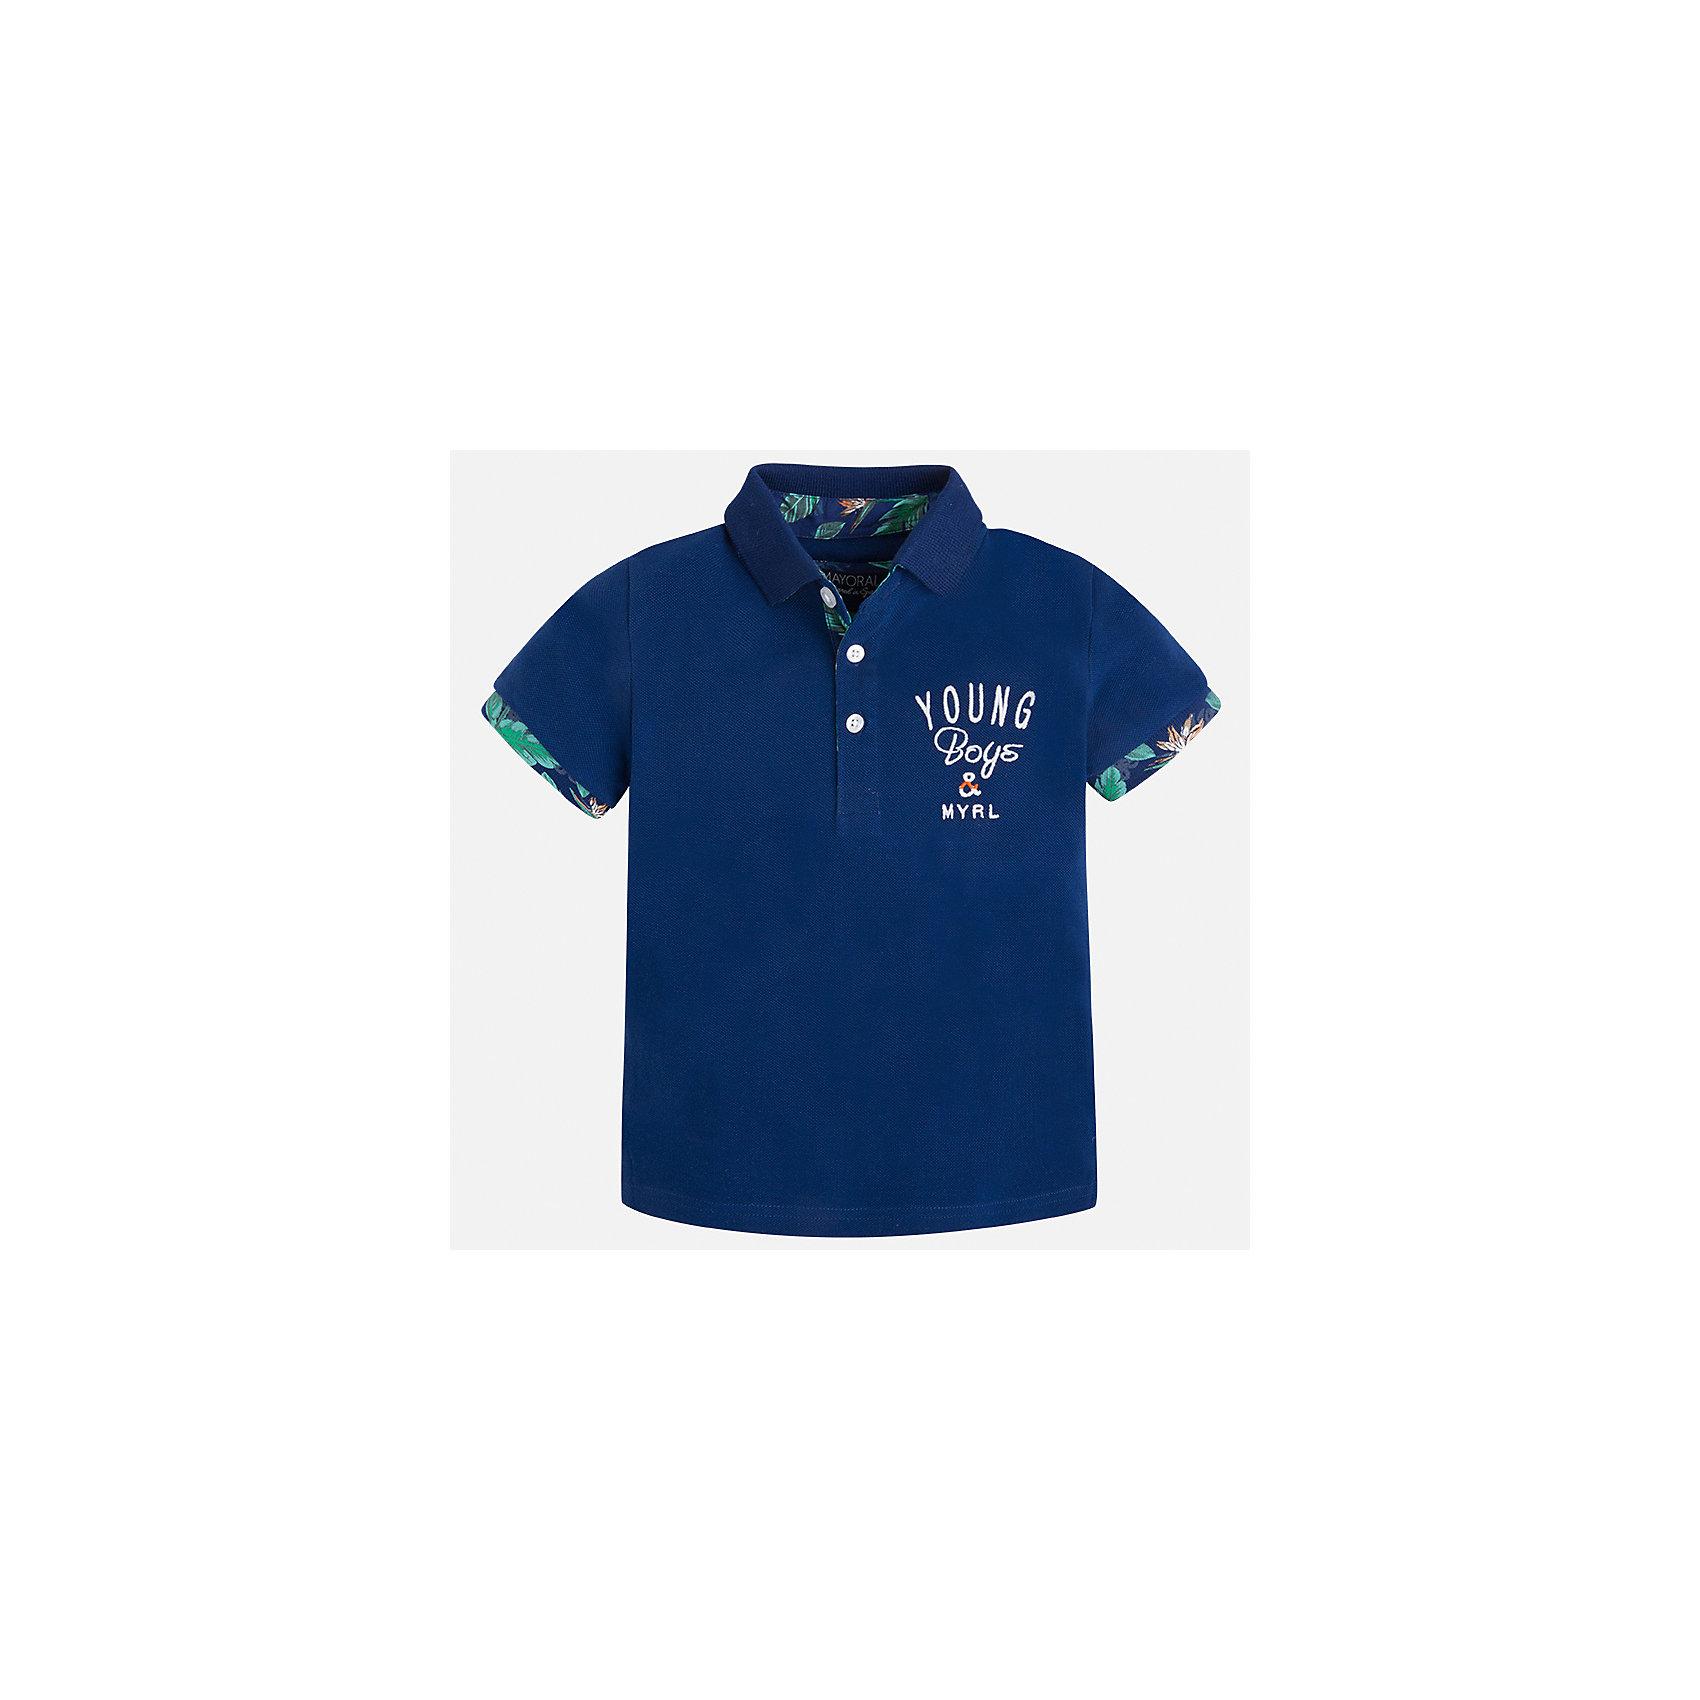 Футболка-поло для мальчика MayoralФутболки, поло и топы<br>Характеристики товара:<br><br>• цвет: синий<br>• состав: 100% хлопок<br>• отложной воротник<br>• короткие рукава<br>• застежка: пуговицы<br>• декорирована вышивкой<br>• страна бренда: Испания<br><br>Модная футболка-поло для мальчика может стать базовой вещью в гардеробе ребенка. Она отлично сочетается с брюками, шортами, джинсами и т.д. Универсальный крой и цвет позволяет подобрать к вещи низ разных расцветок. Практичное и стильное изделие! В составе материала - только натуральный хлопок, гипоаллергенный, приятный на ощупь, дышащий.<br><br>Одежда, обувь и аксессуары от испанского бренда Mayoral полюбились детям и взрослым по всему миру. Модели этой марки - стильные и удобные. Для их производства используются только безопасные, качественные материалы и фурнитура. Порадуйте ребенка модными и красивыми вещами от Mayoral! <br><br>Футболку-поло для мальчика от испанского бренда Mayoral (Майорал) можно купить в нашем интернет-магазине.<br><br>Ширина мм: 199<br>Глубина мм: 10<br>Высота мм: 161<br>Вес г: 151<br>Цвет: синий<br>Возраст от месяцев: 96<br>Возраст до месяцев: 108<br>Пол: Мужской<br>Возраст: Детский<br>Размер: 134,92,98,104,122,128,110,116<br>SKU: 5280367